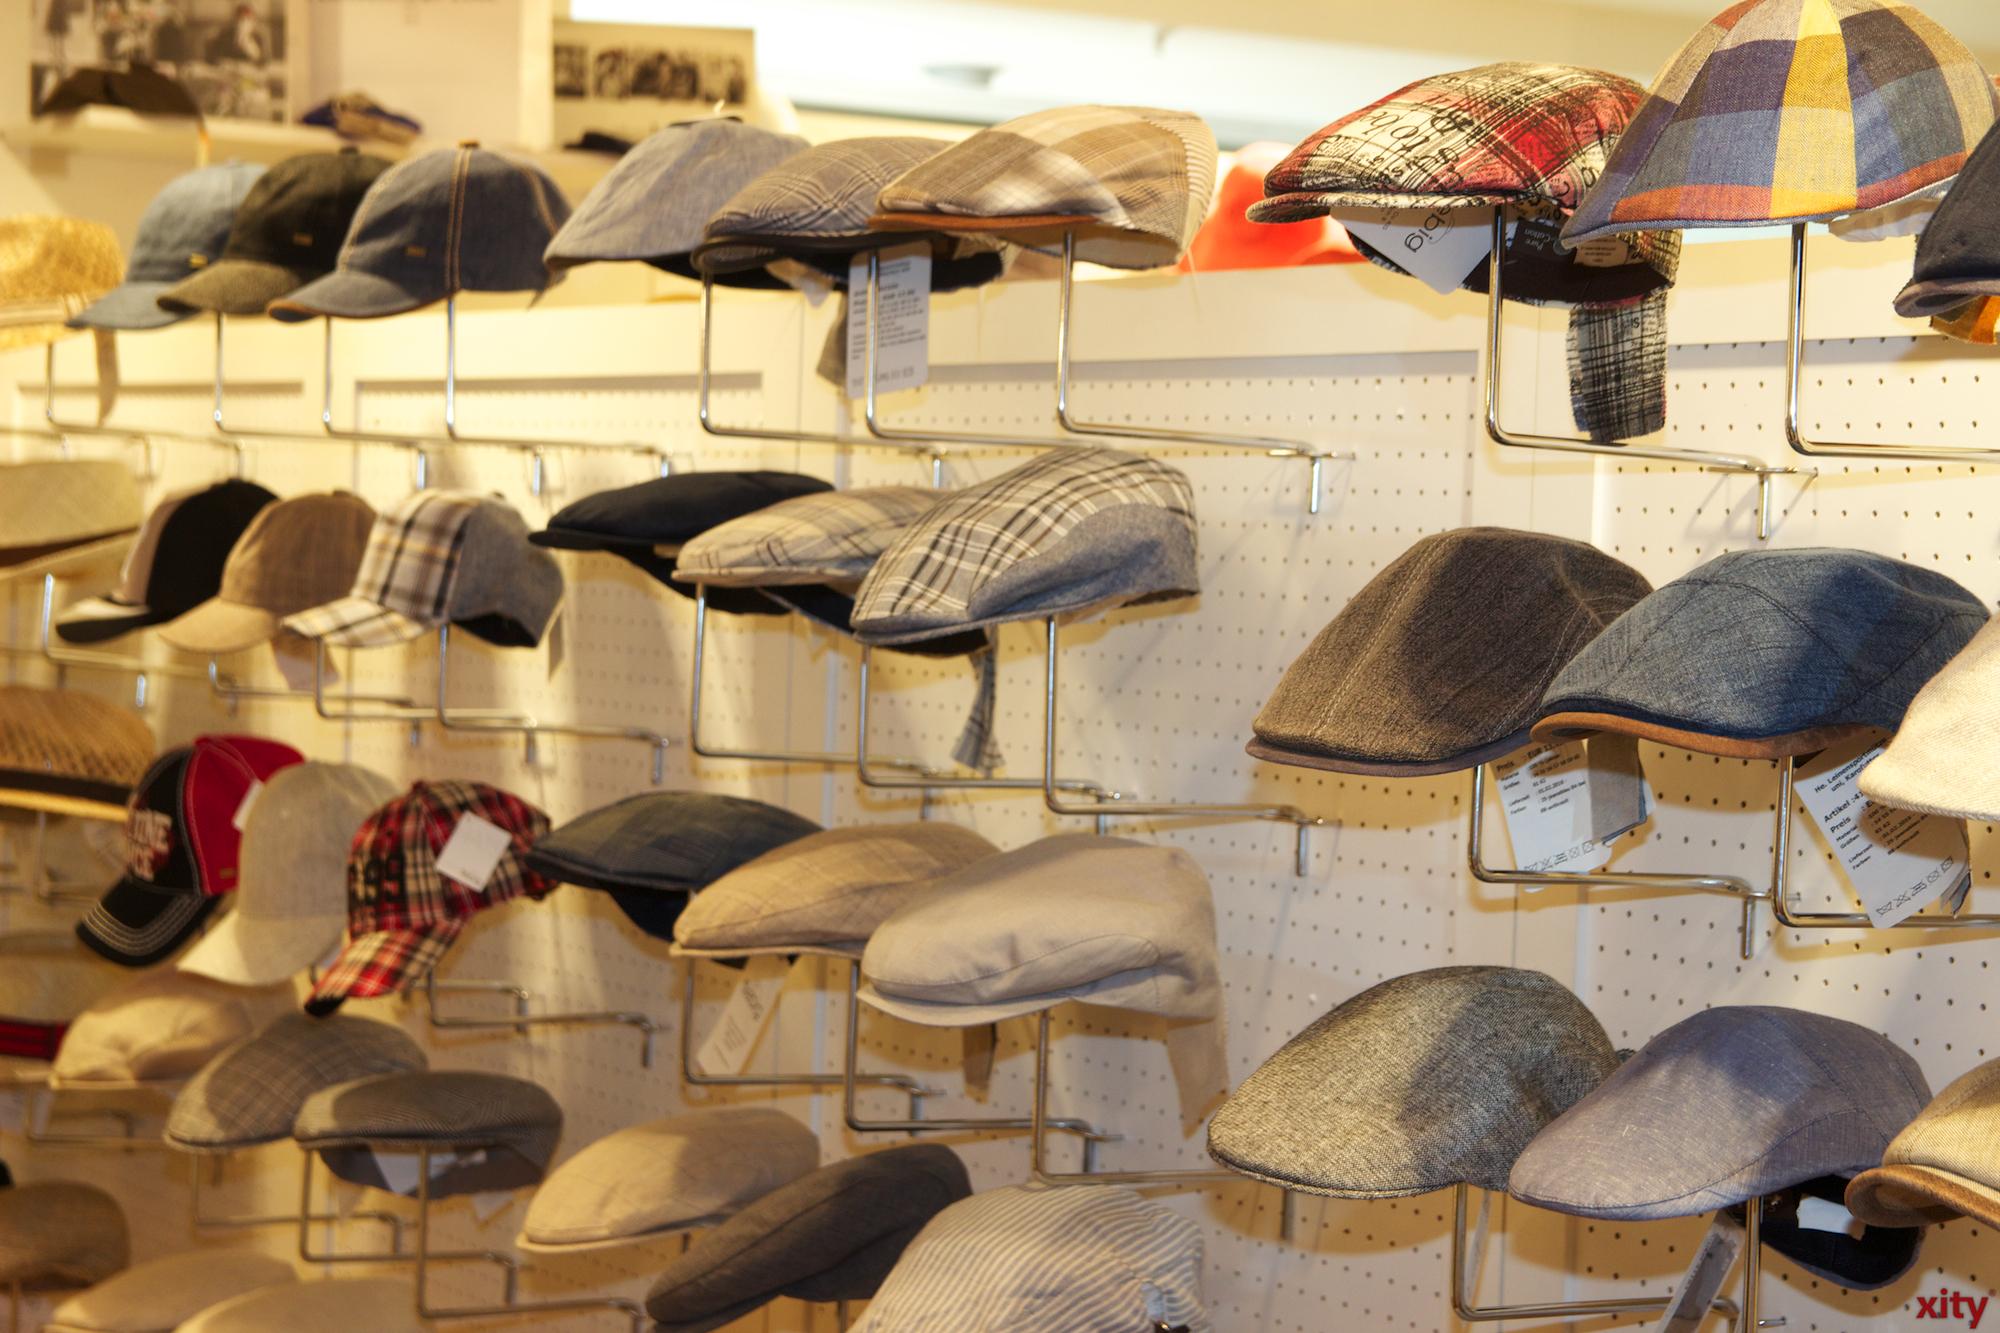 Ob Herren oder Damenhüte auf der Messe ist für jeden Geschmack etwas dabei.  (Foto: xity)